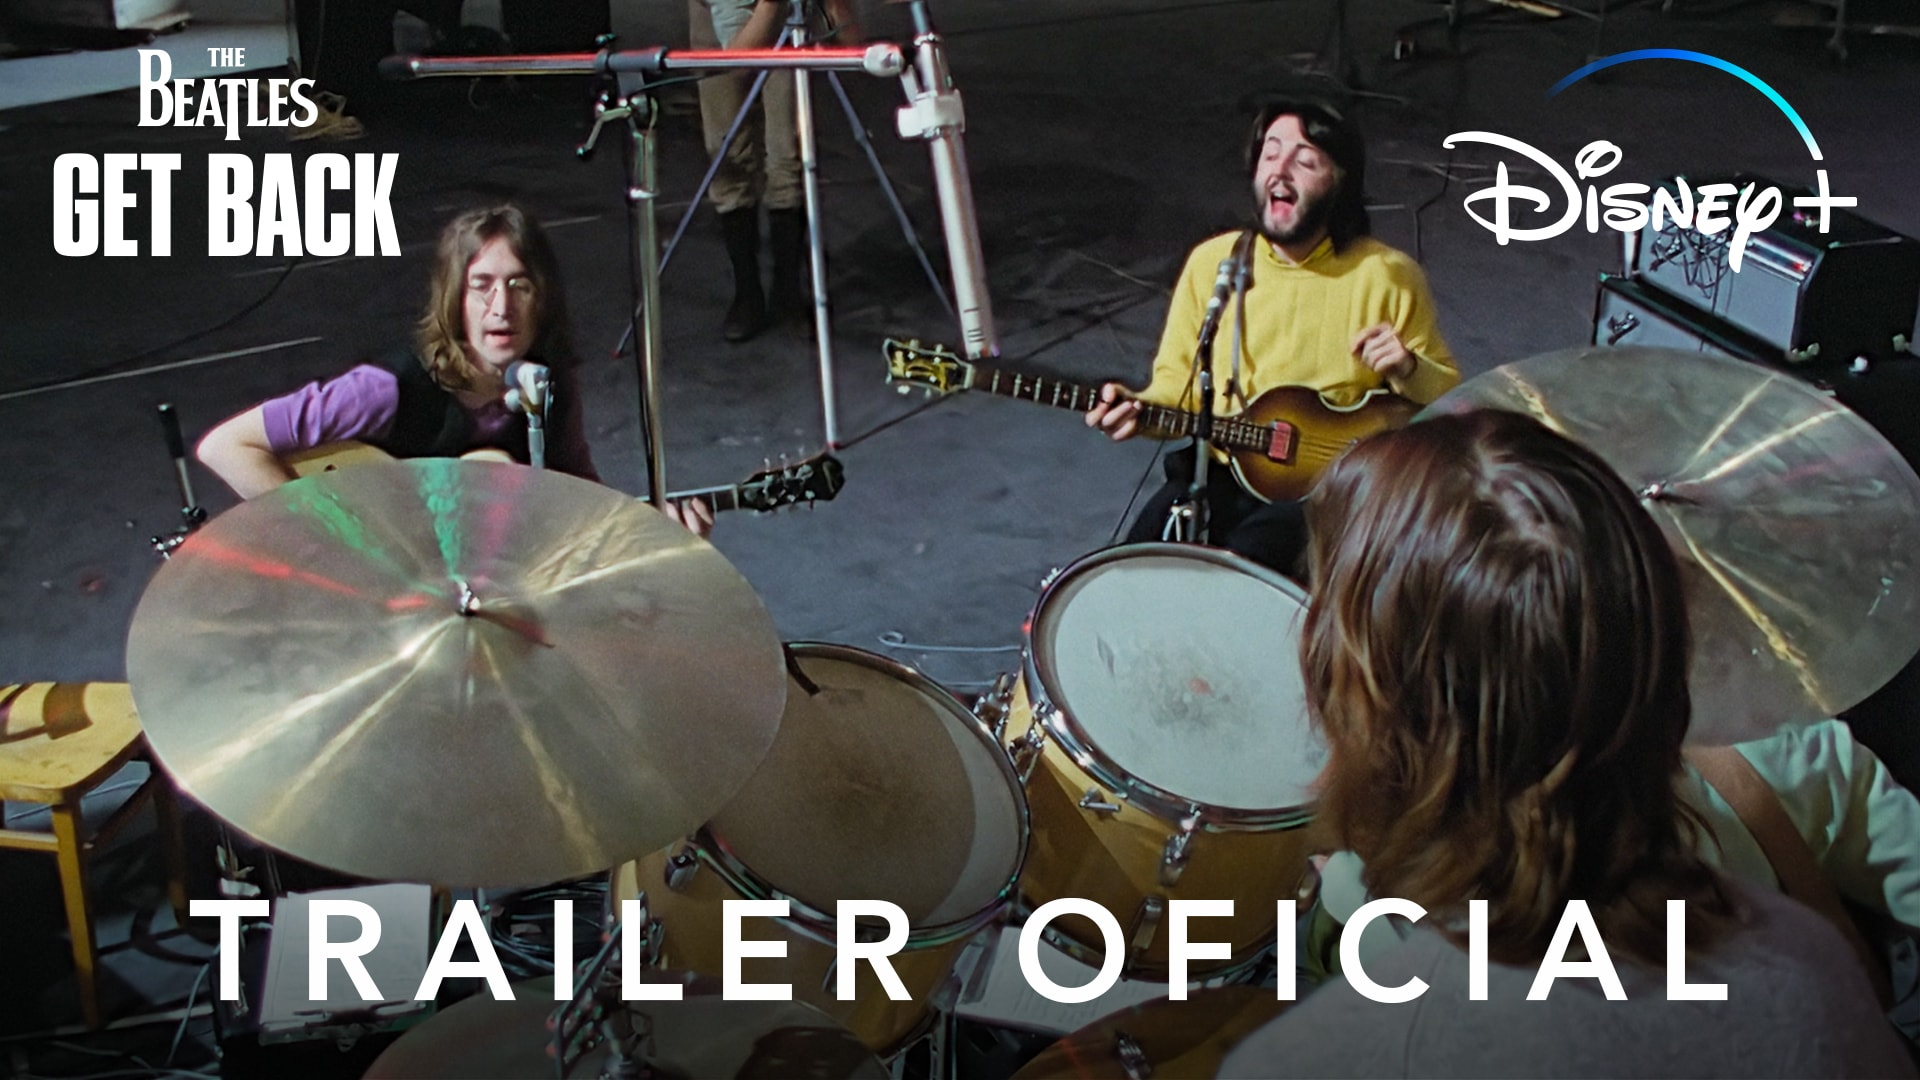 The Beatles: Get Back - Trailer